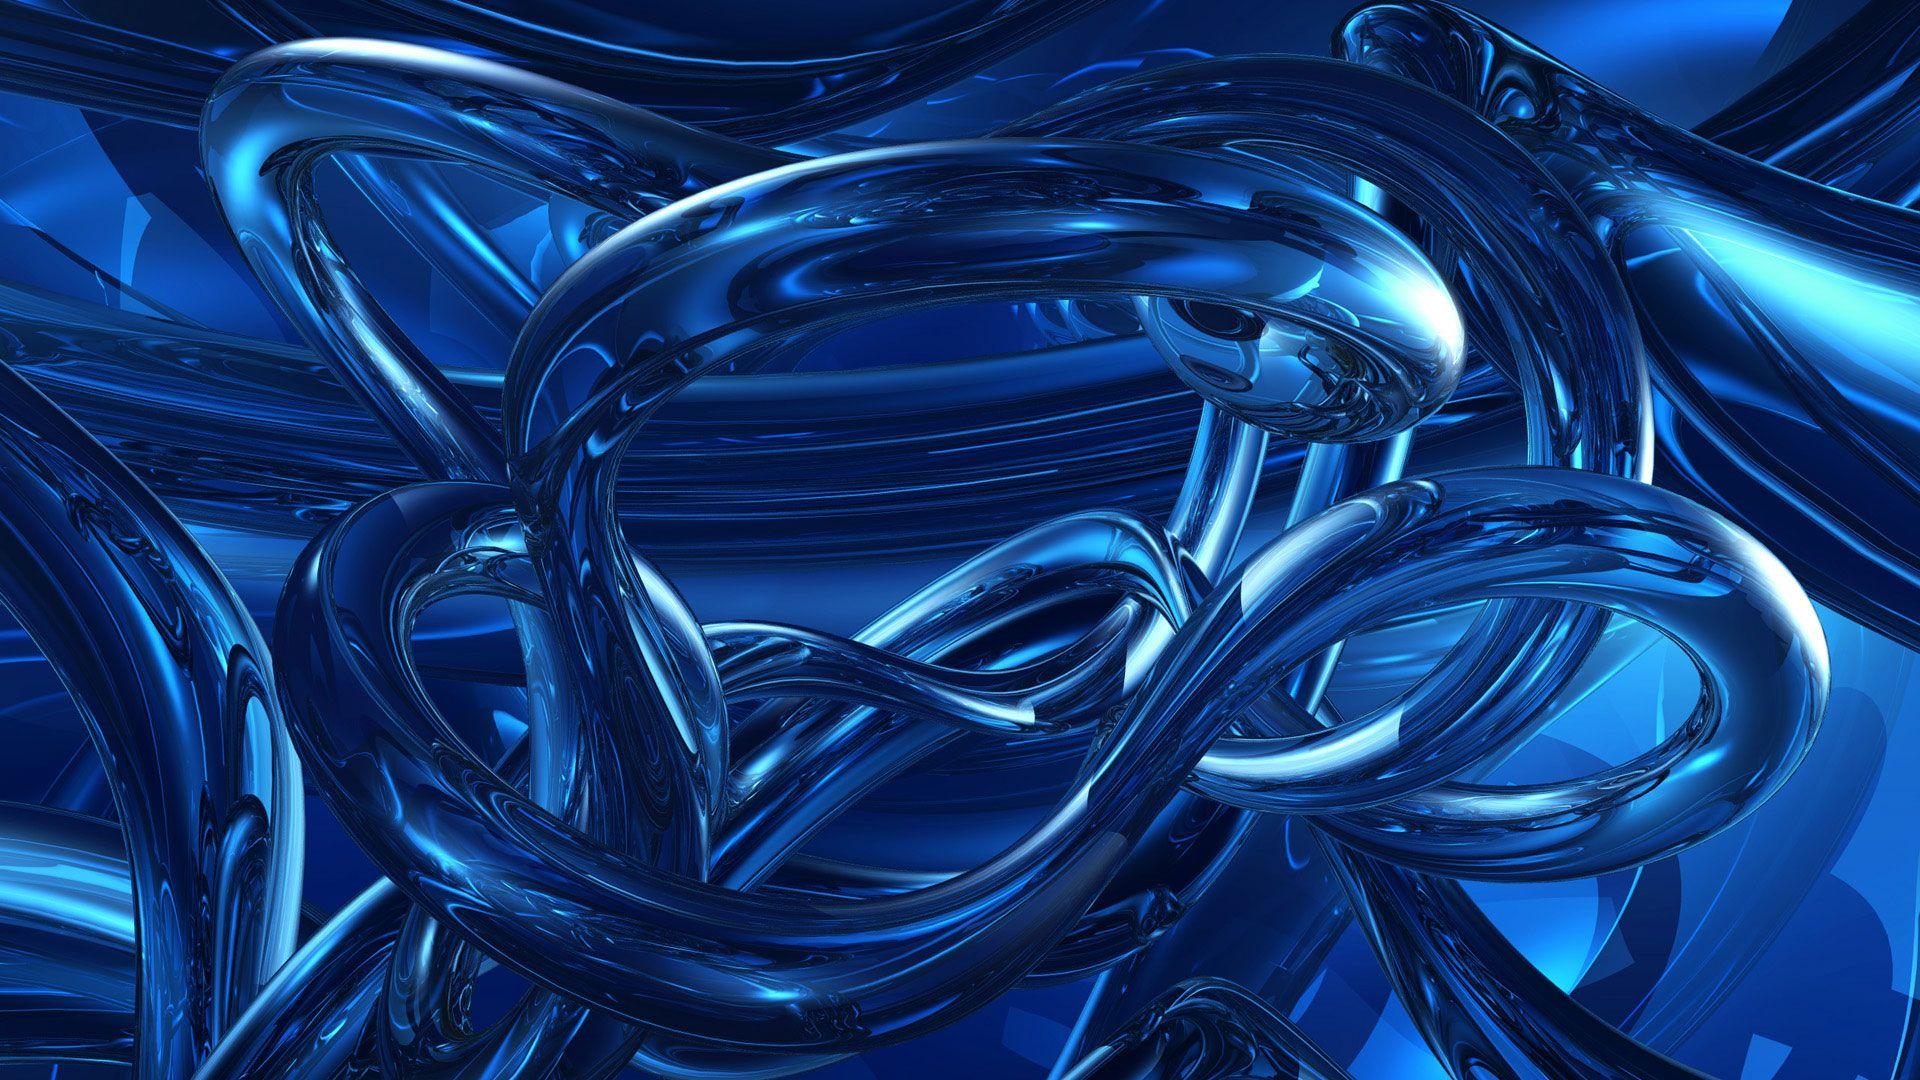 http//www.hdwallpapers.in/walls/dark_blue_abstractsHD